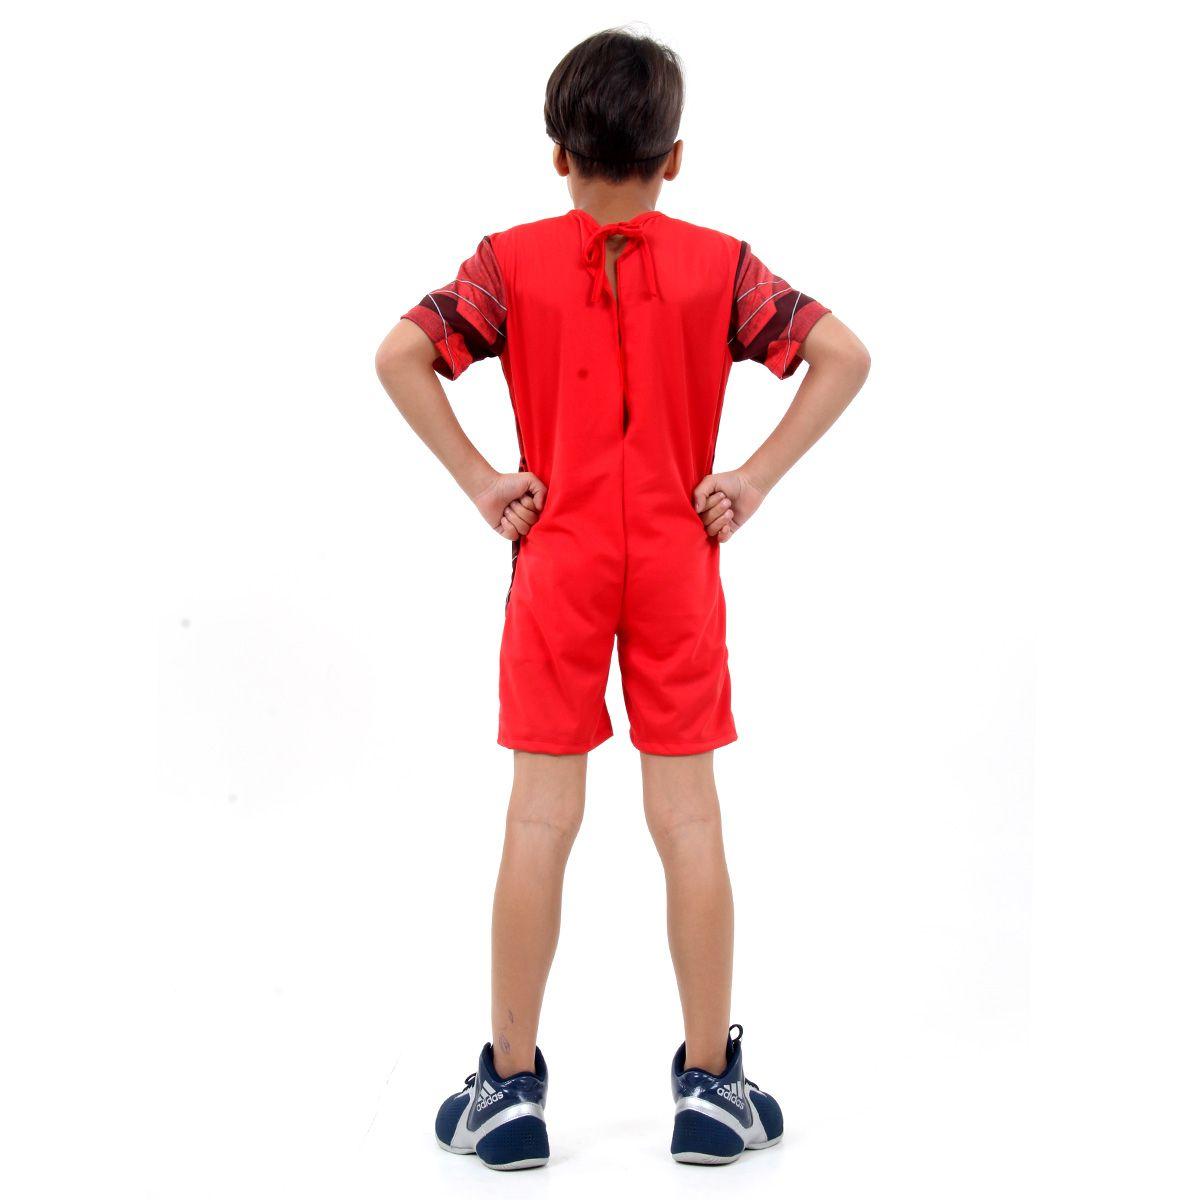 Fantasia Flash Infantil com Músculos